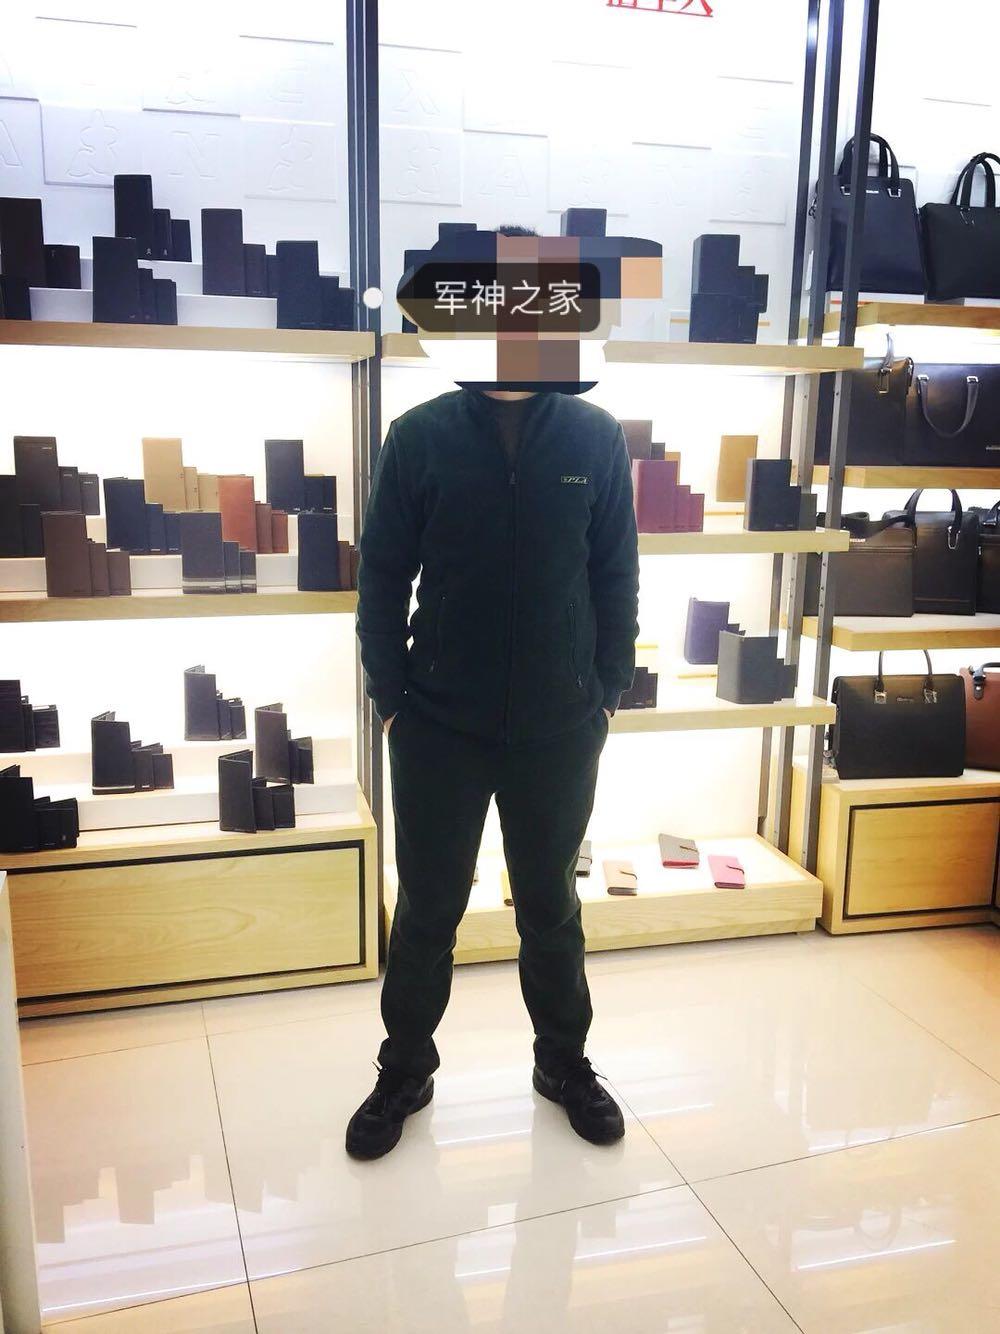 Солнце воинской китайской армии поднимая имеет выполненное на заказ зимний Тренировка физической способности модели обслуживания одевая регулировать шерстей прованского зеленого цвета удерживающий тепло толстовка мужской Одежда ткани